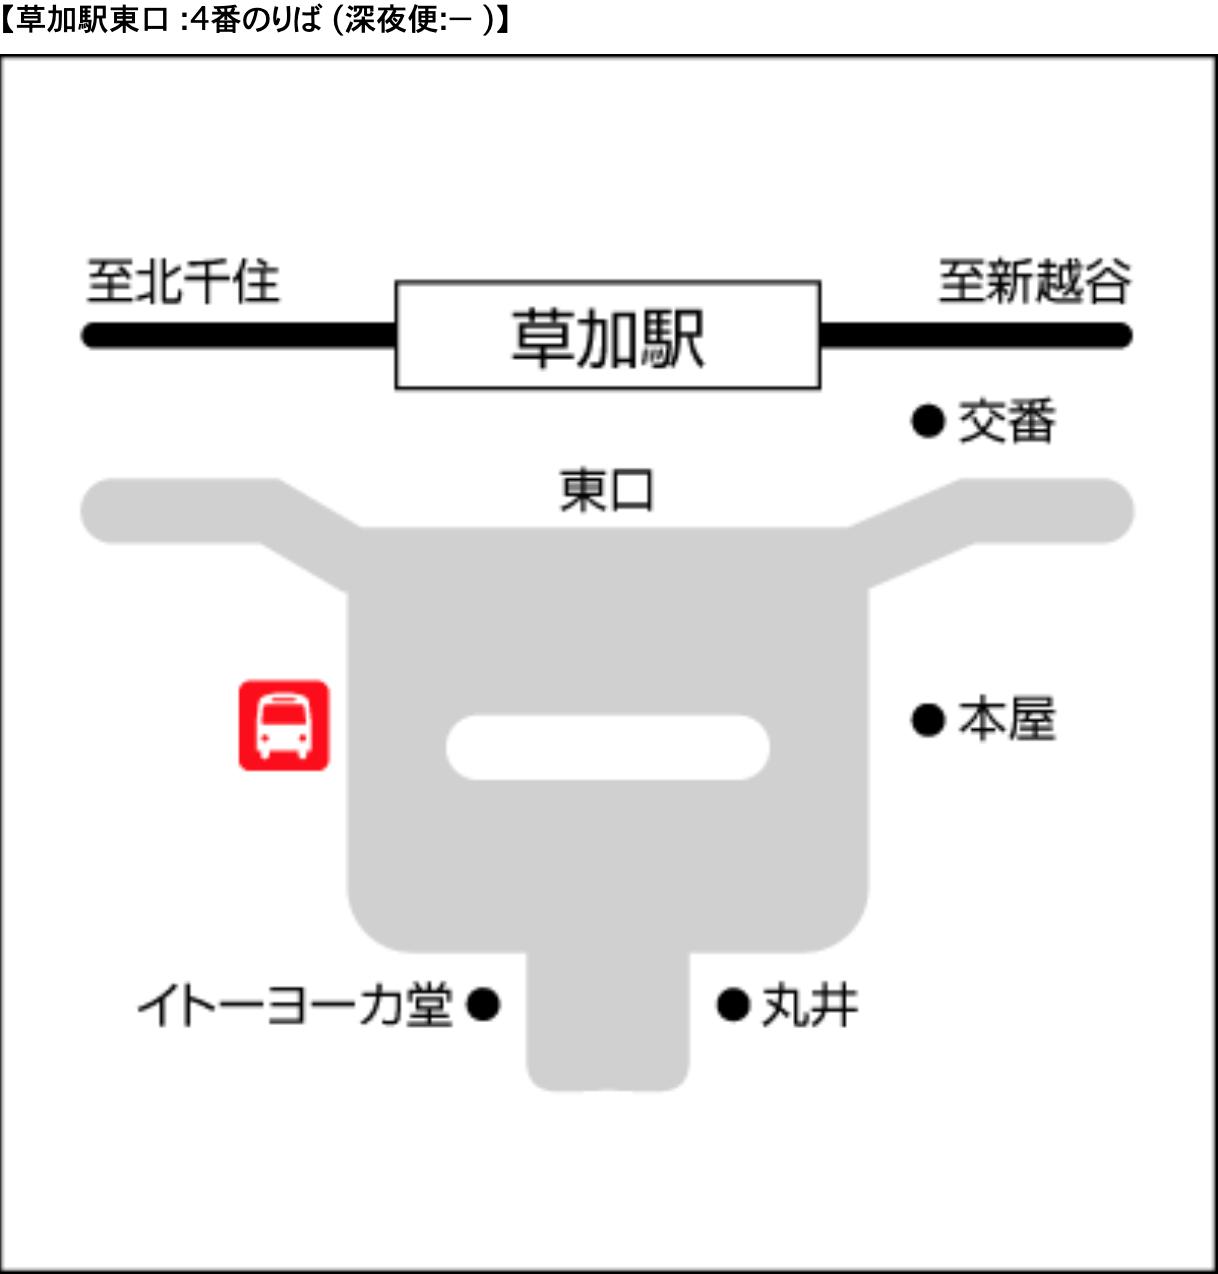 空港バス 草加駅 案内図